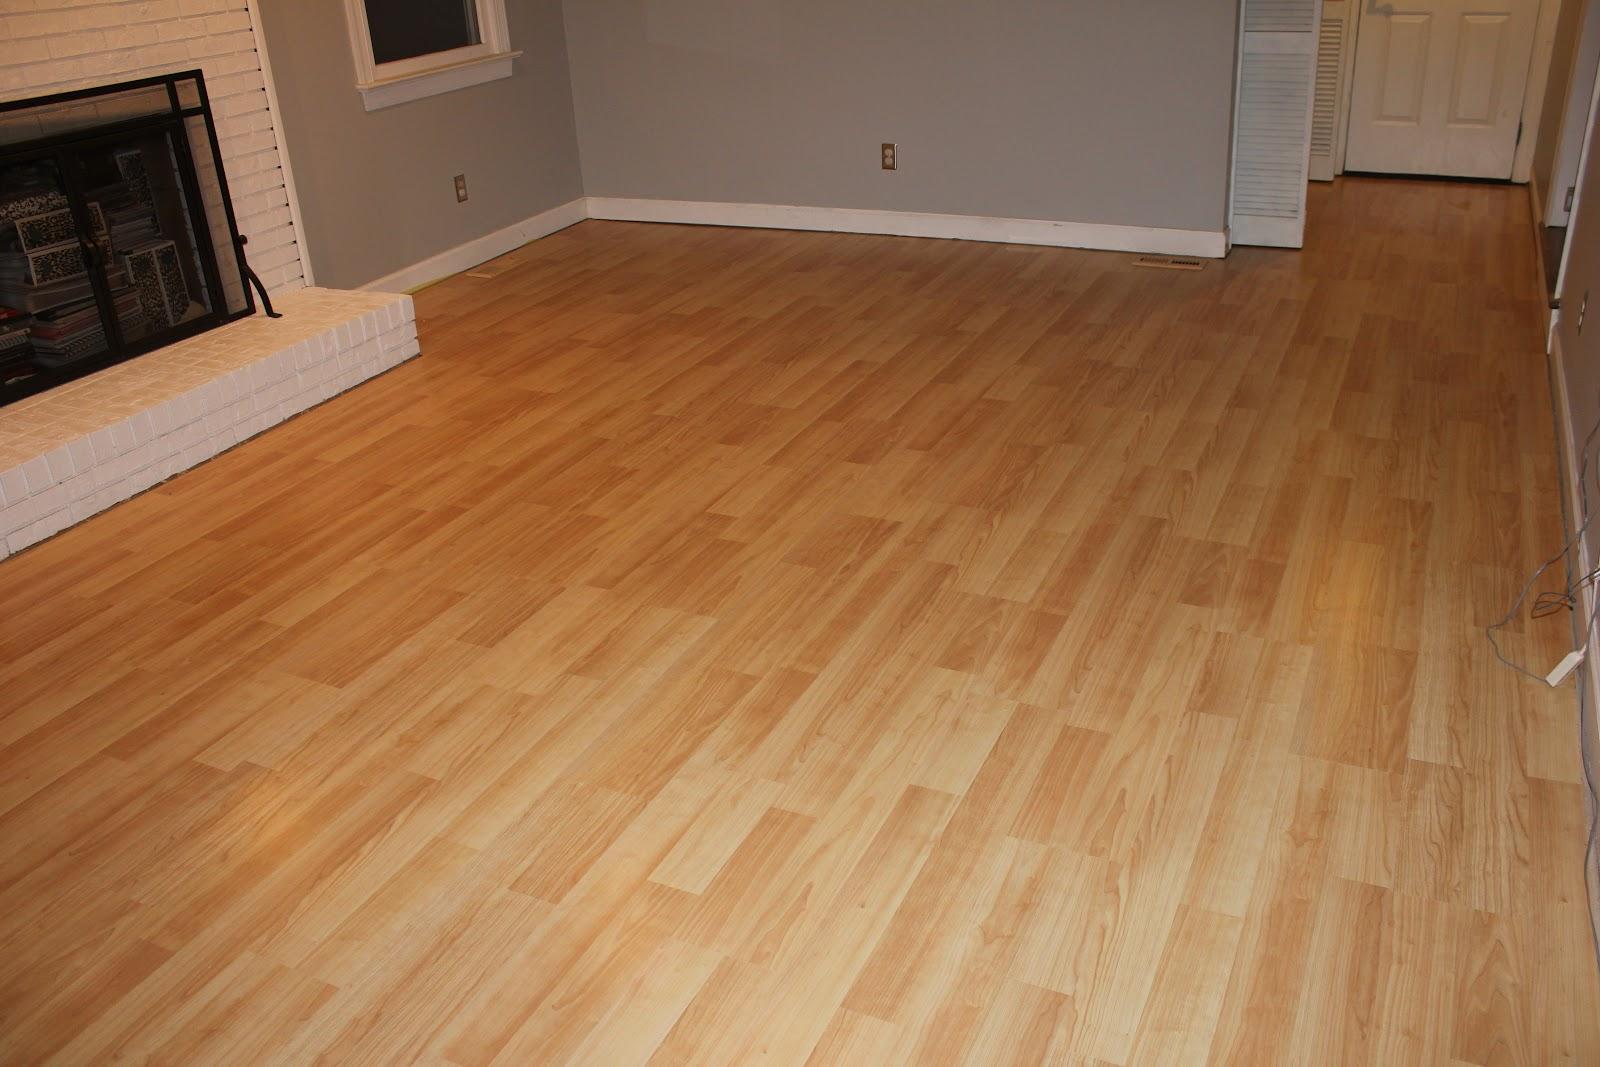 laminate flooring installing laminate flooring walls